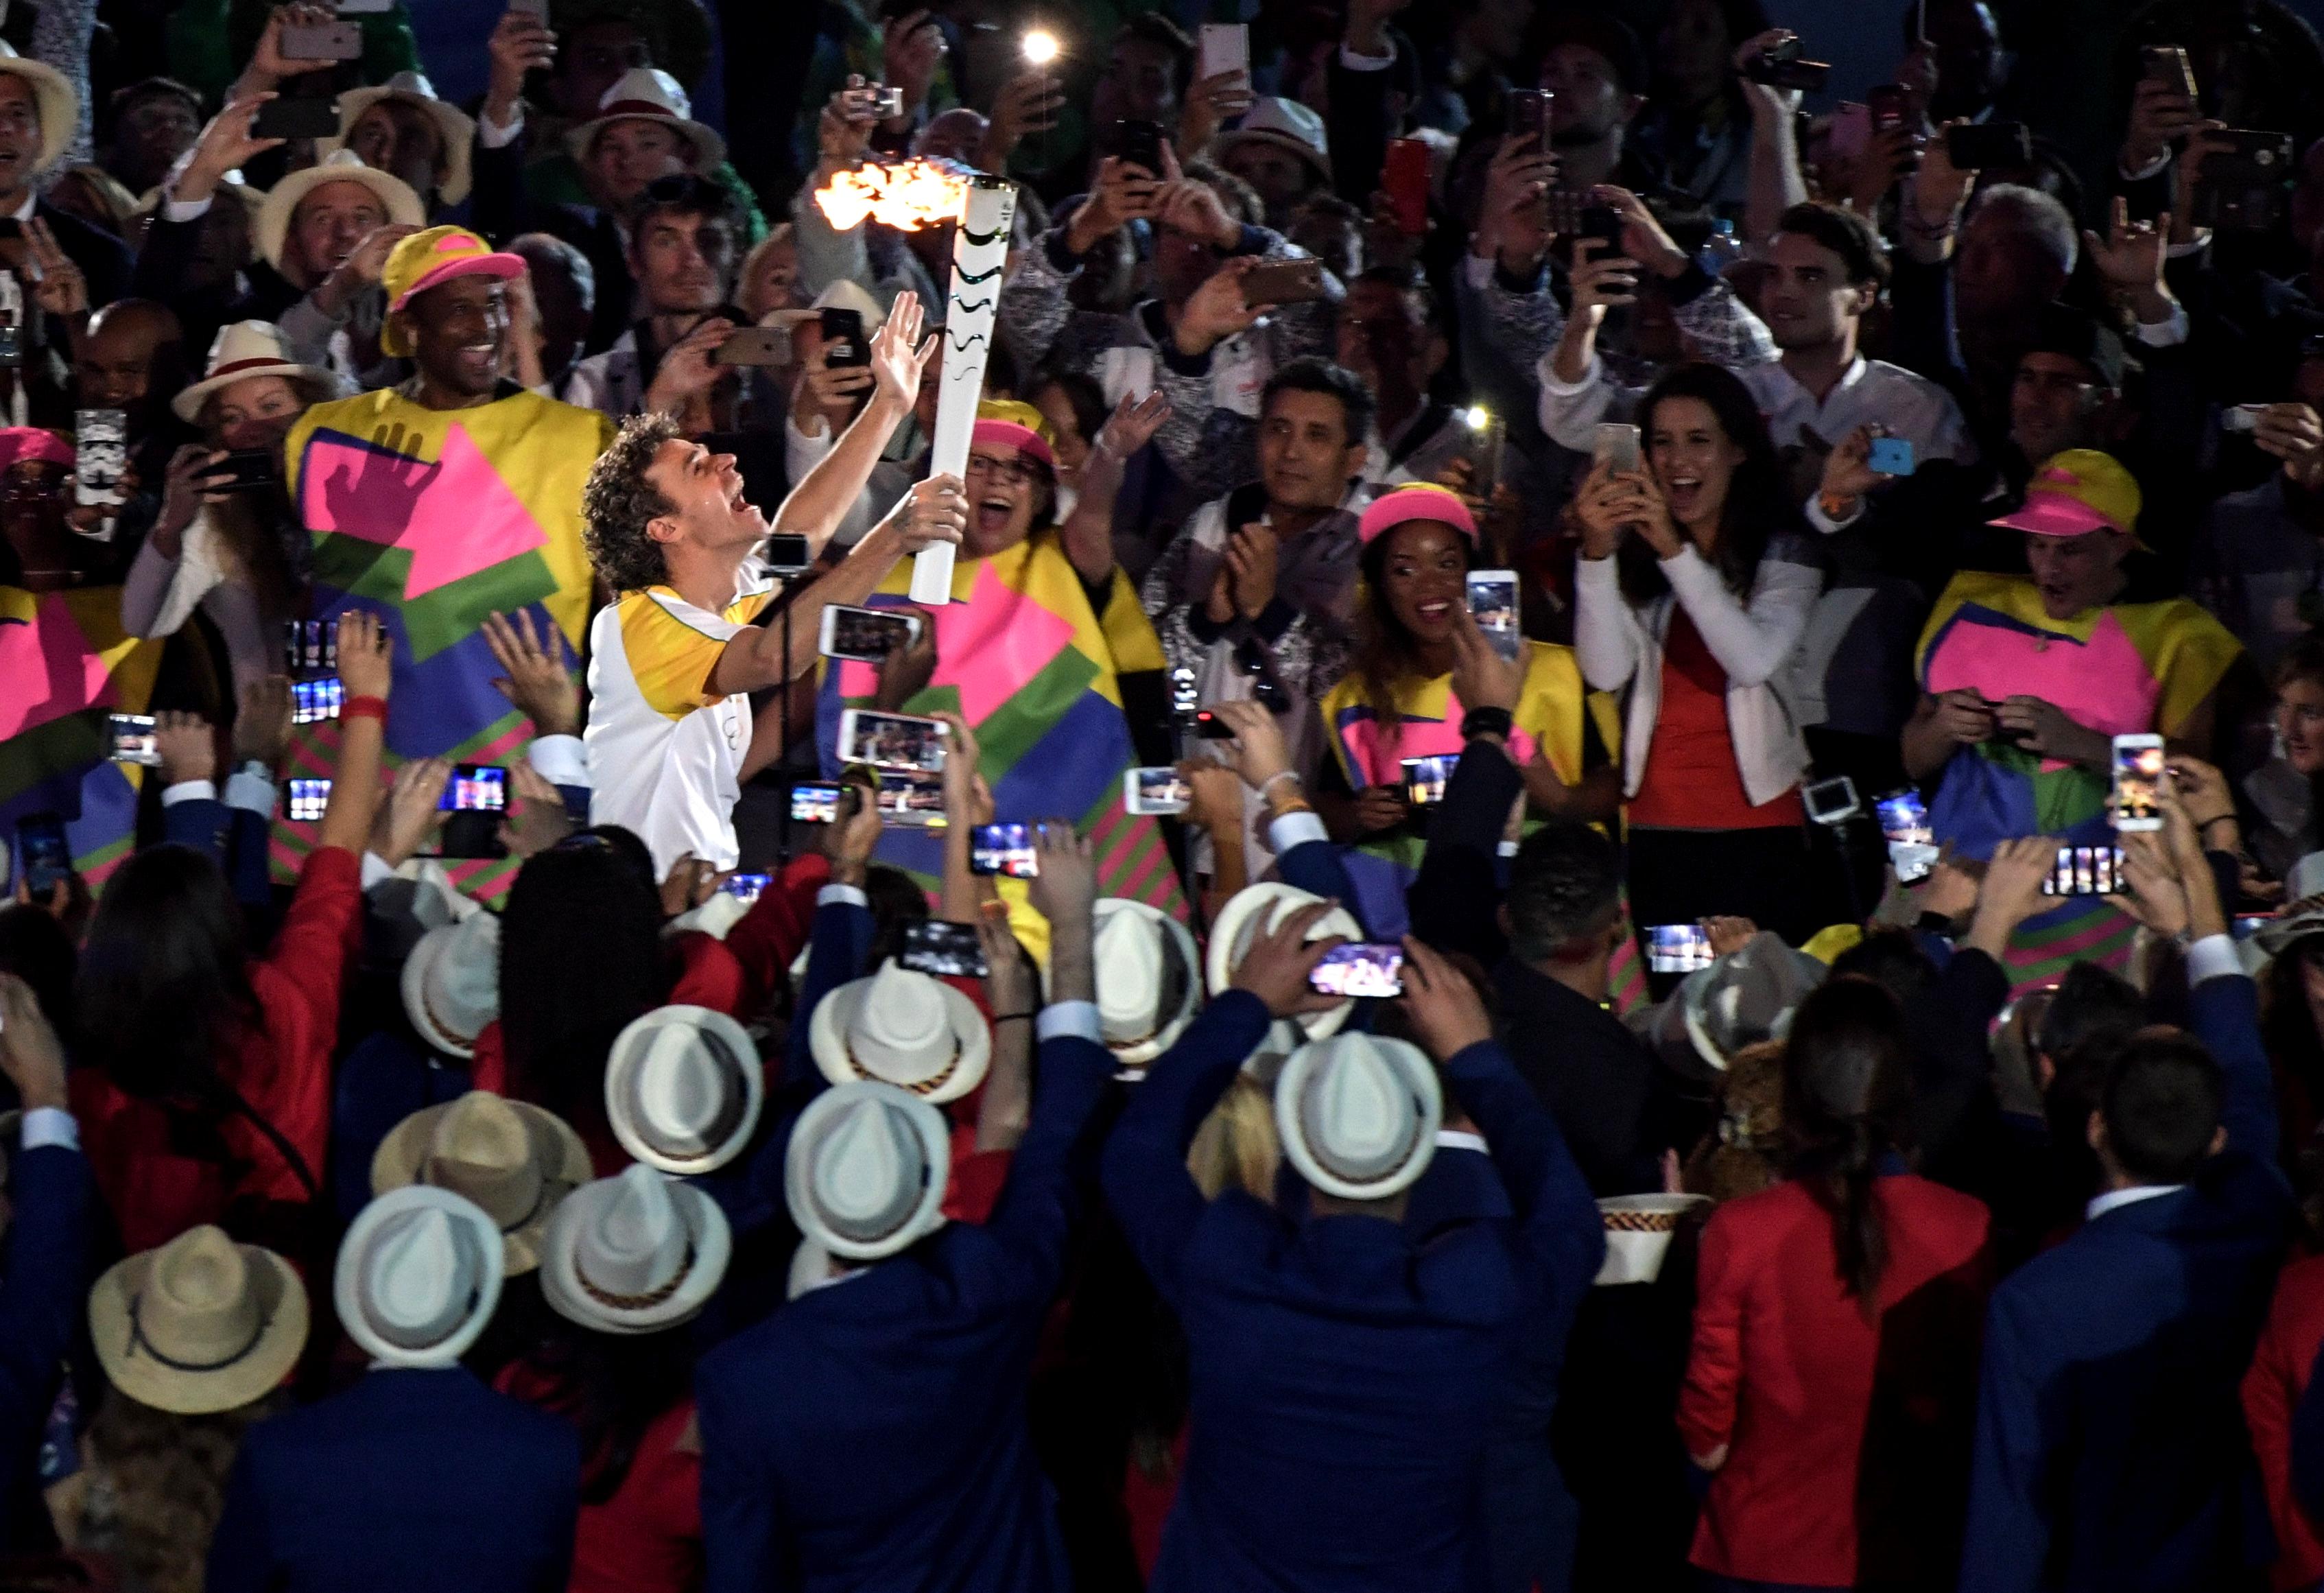 Olimpia 2016: a megnyitó legjobb képeit mutatjuk!